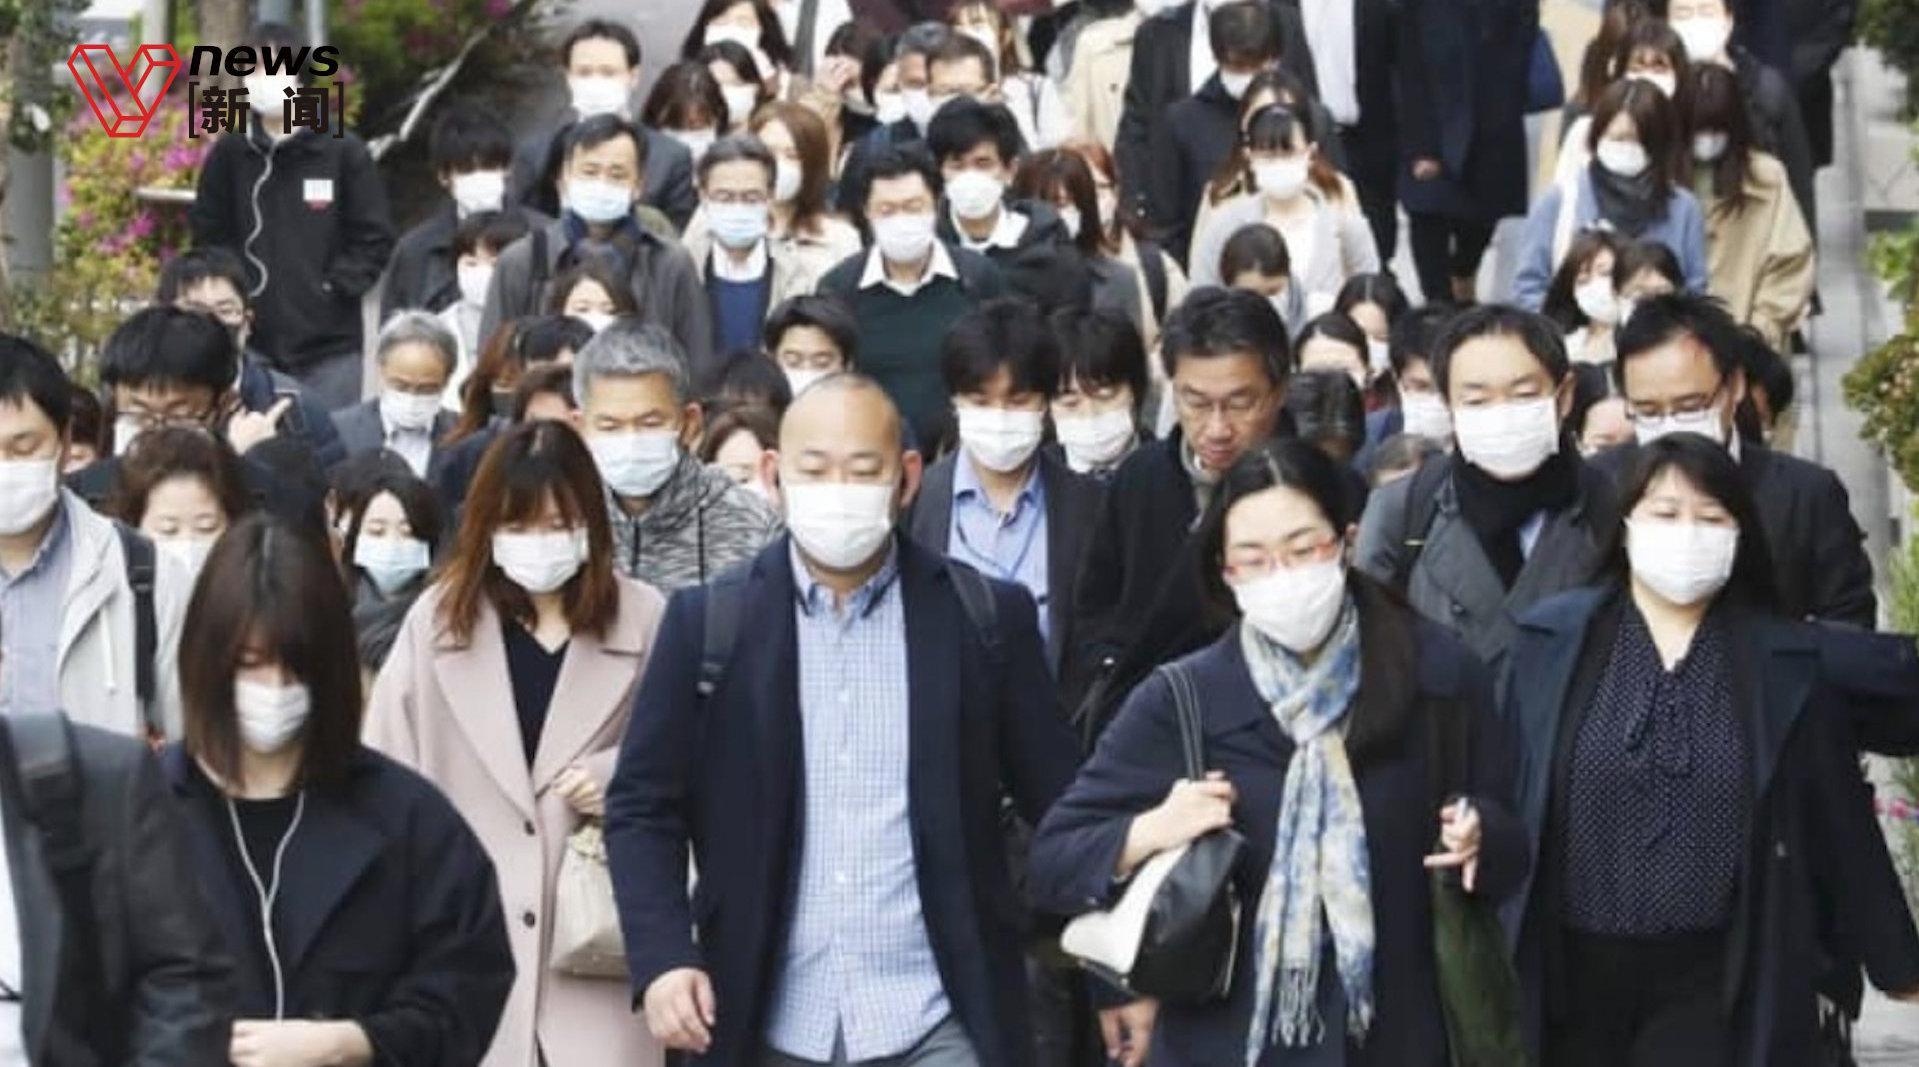 六成日本人出现新冠疑似症状仍上班 ,男性及低收入家庭居多